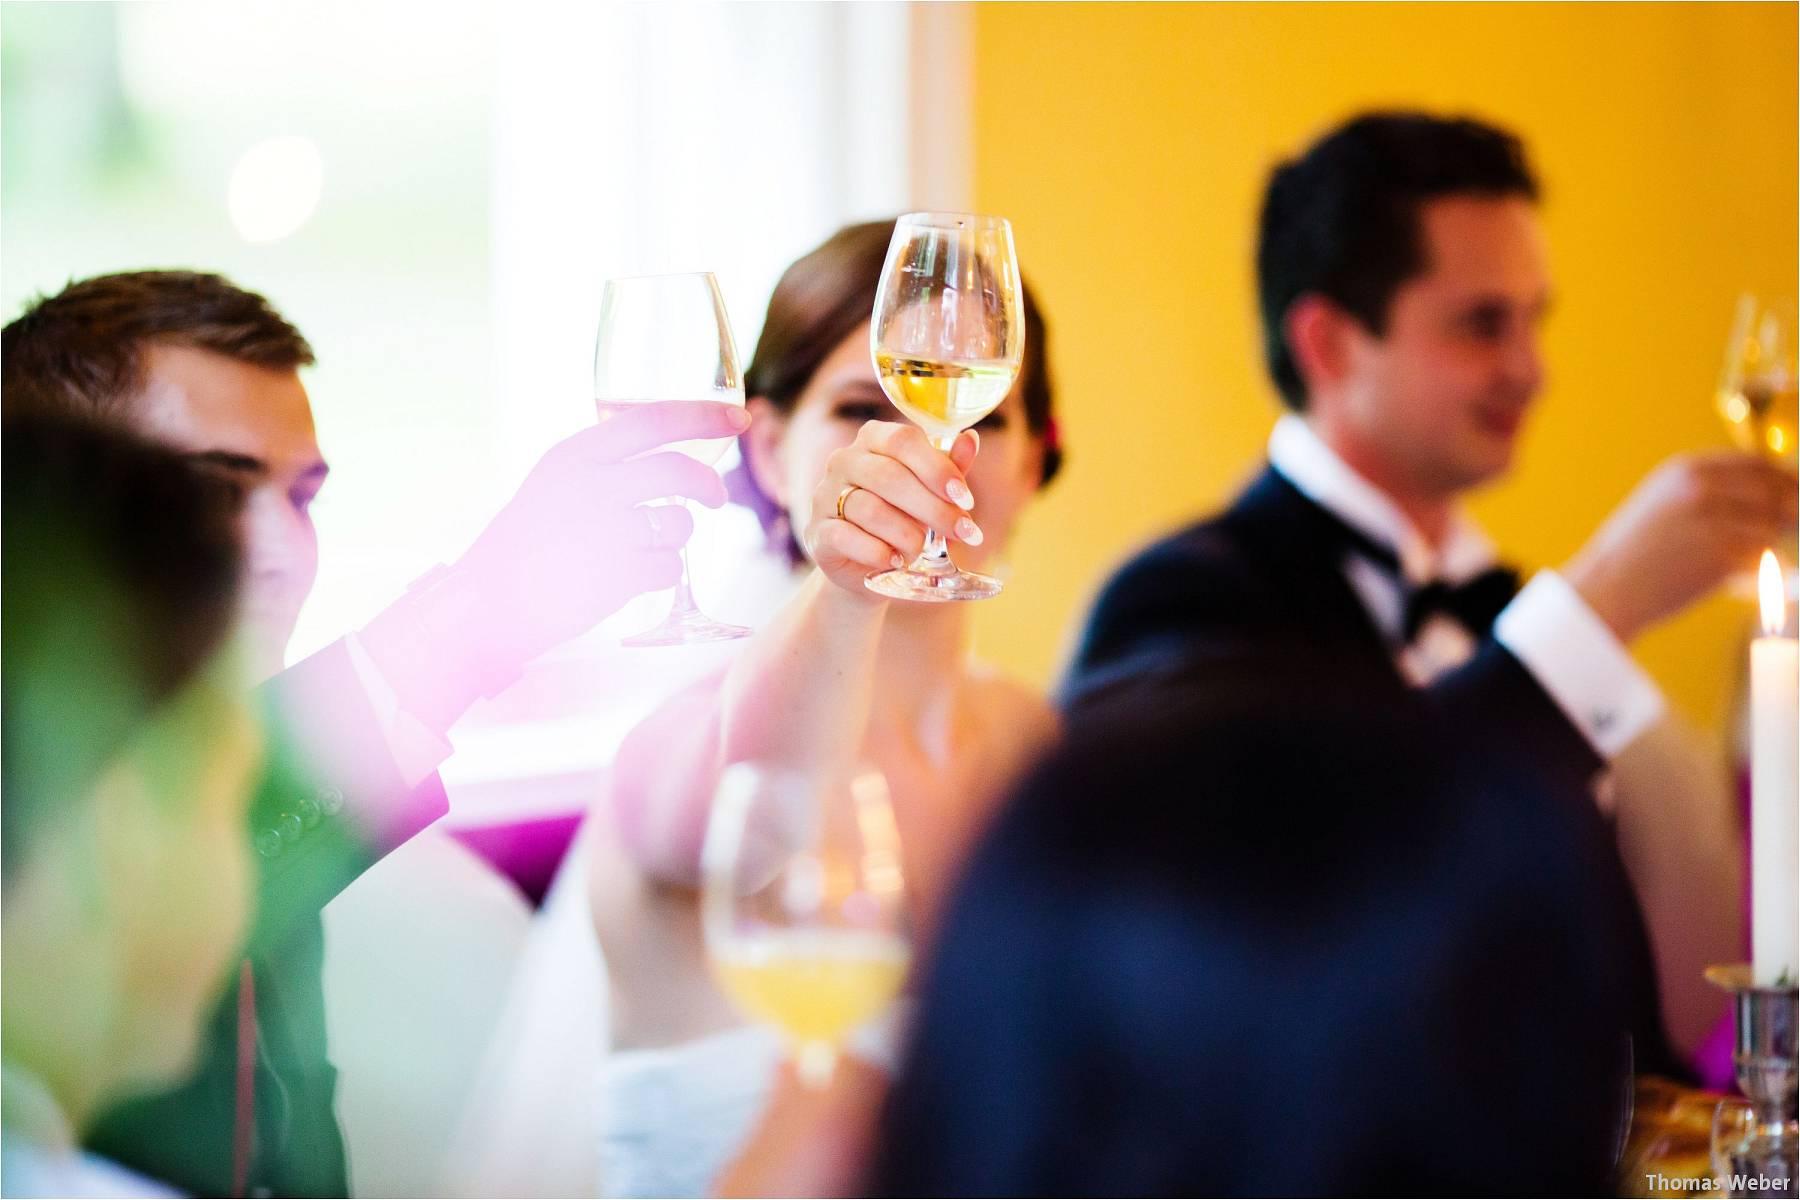 Hochzeitsfotograf Oldenburg: Russische Hochzeit im Standesamt am Pferdemarkt und Hochzeitsfeier im Landhaus Etzhorn (24)